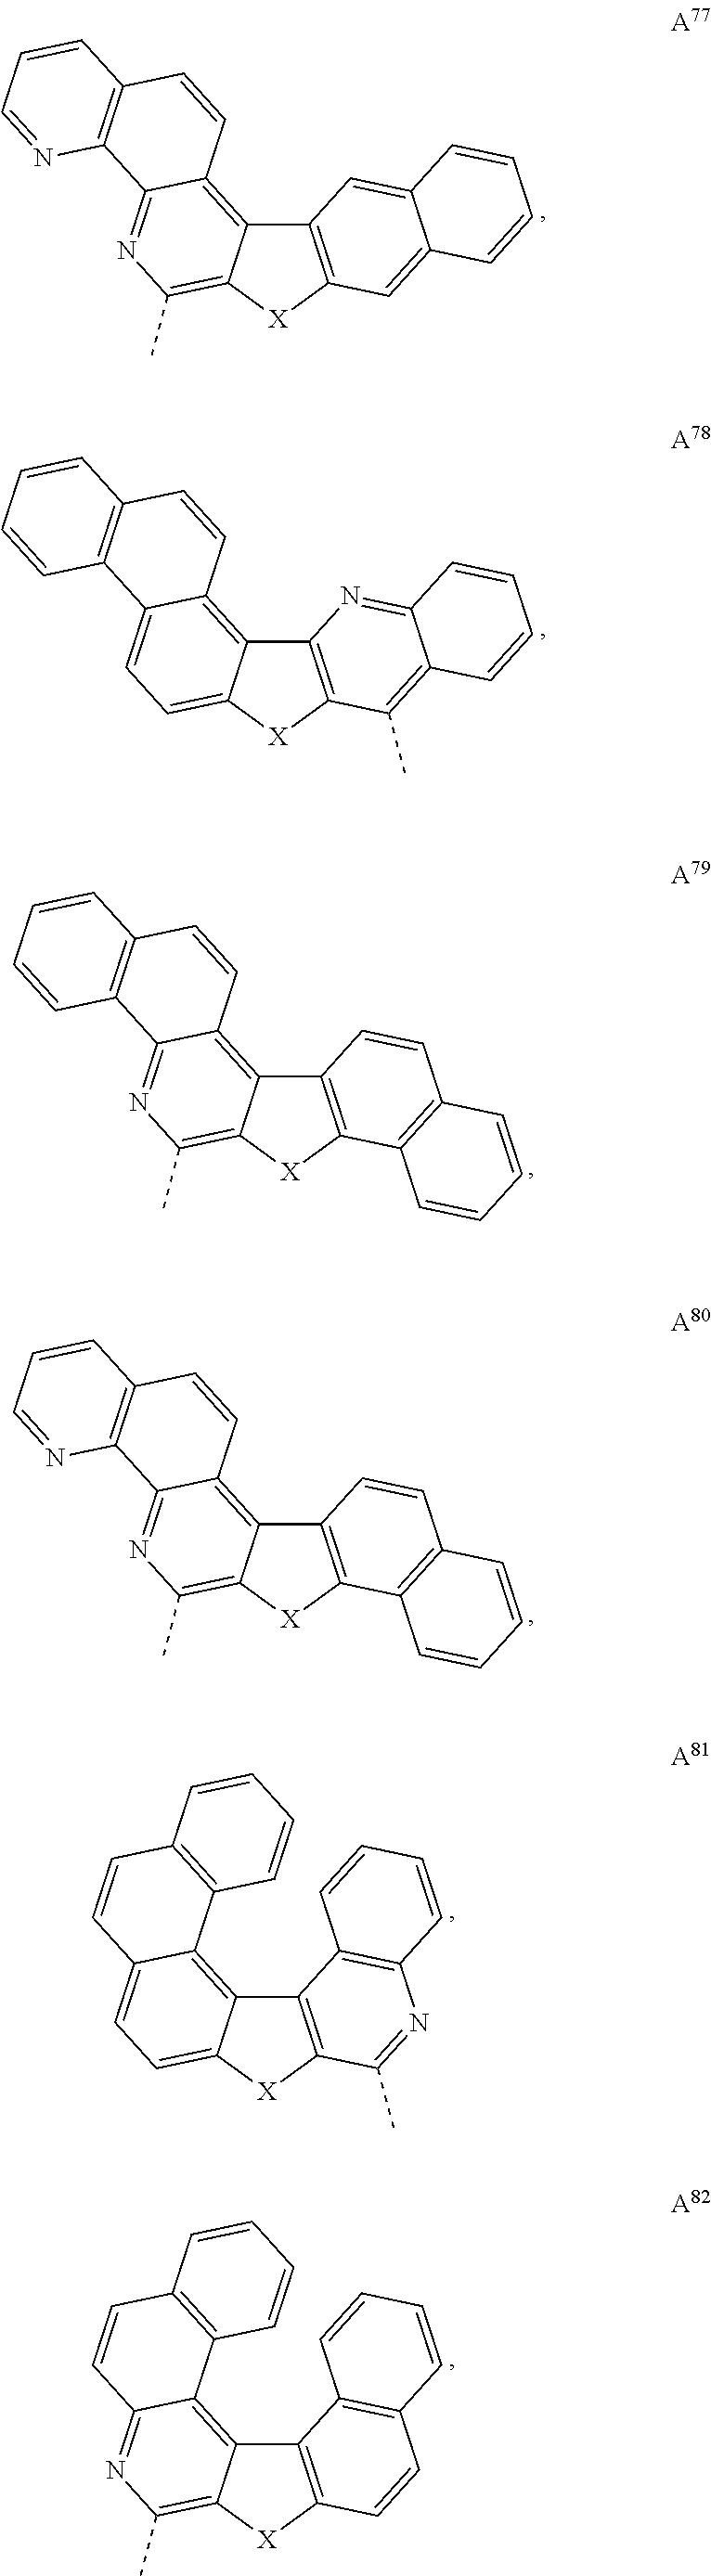 Figure US20170033295A1-20170202-C00023